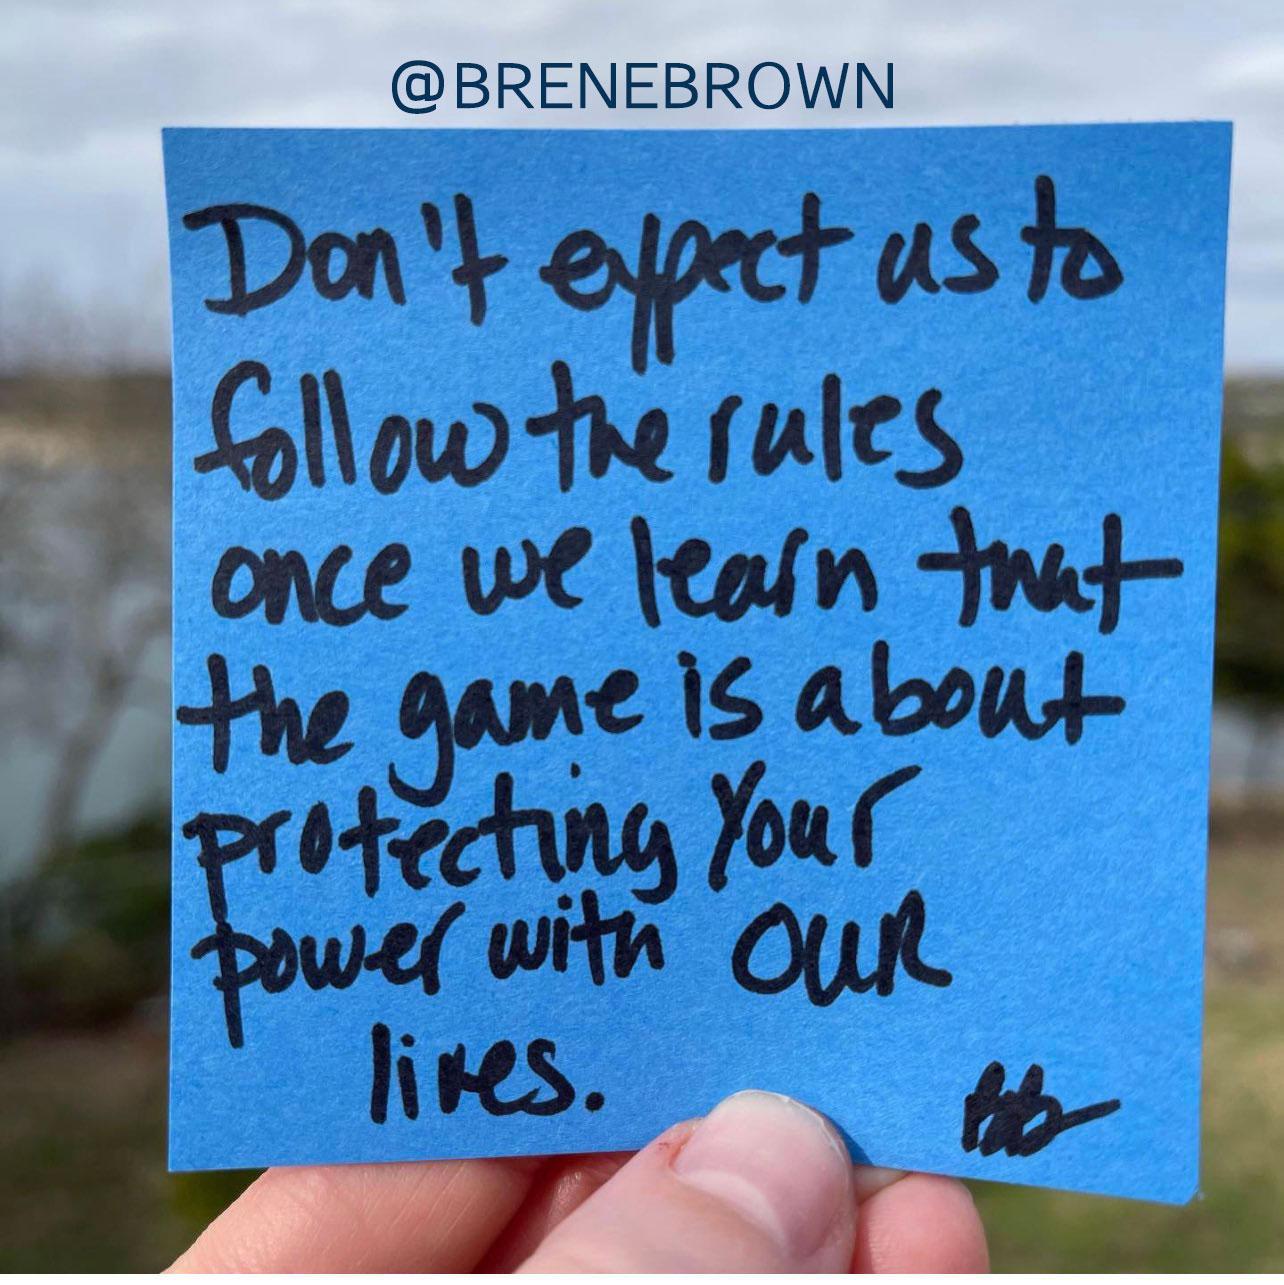 brenebrown